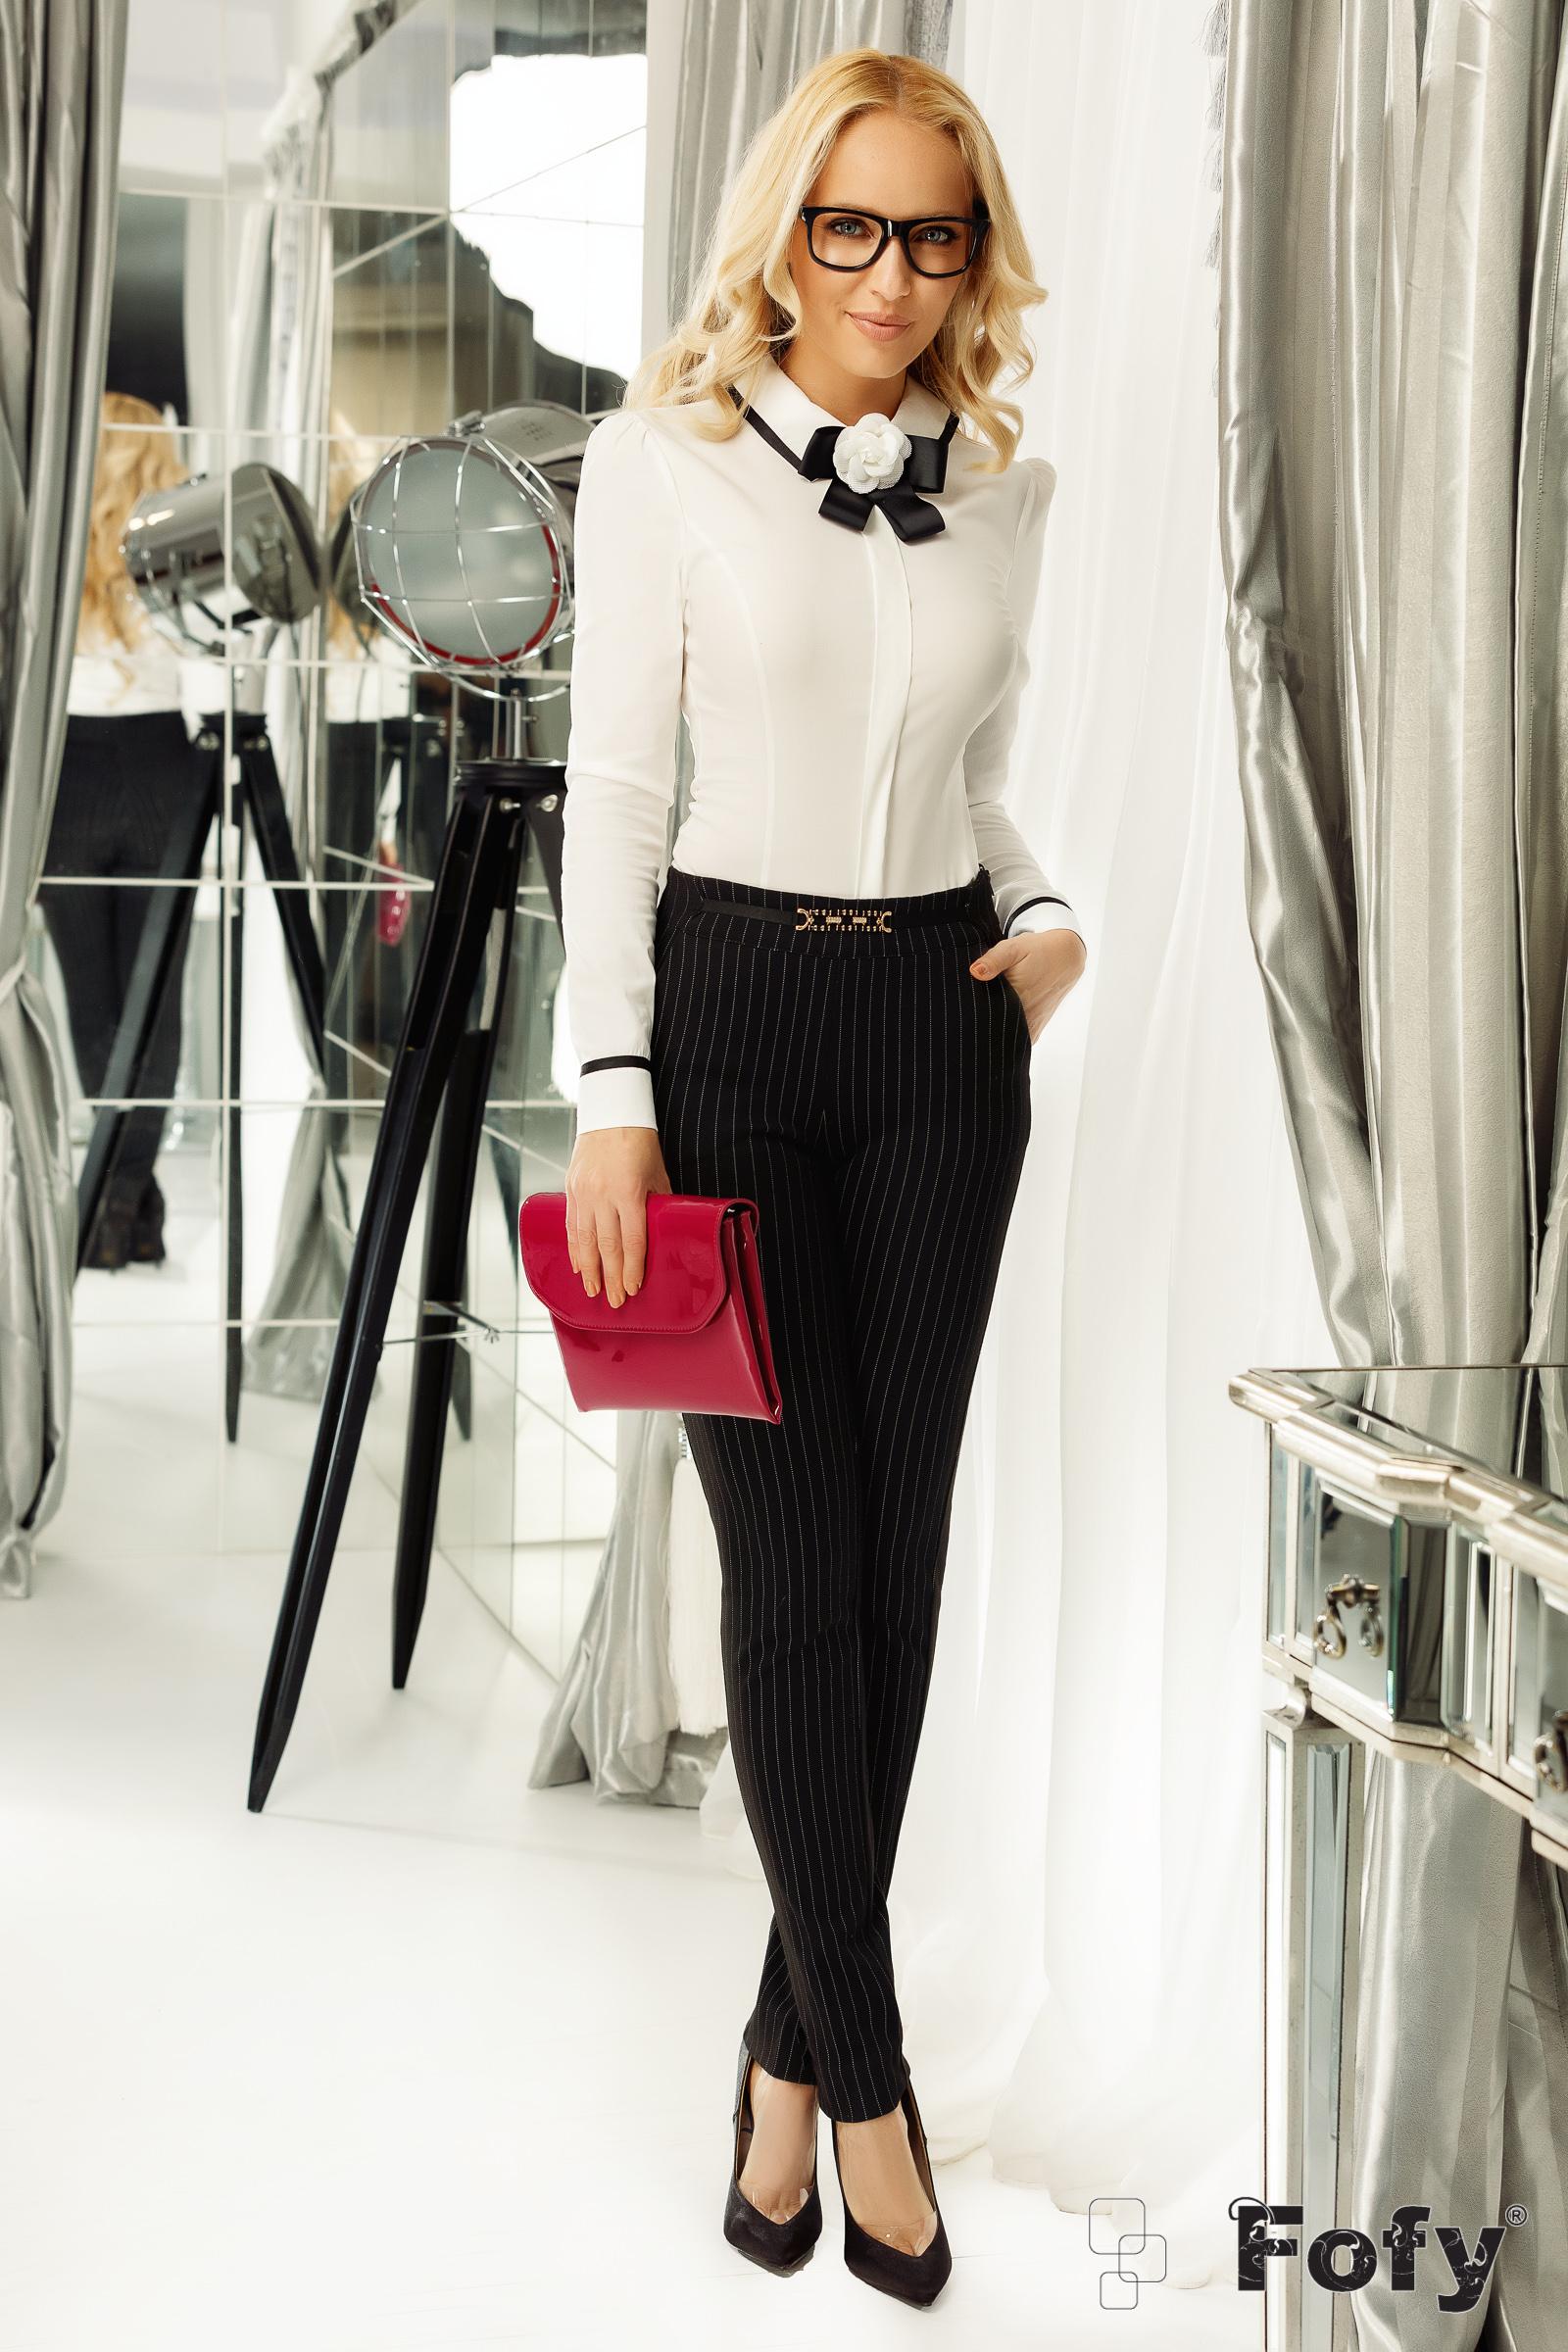 Fehér Fofy irodai női ing szűk szabás bross kiegészítővel